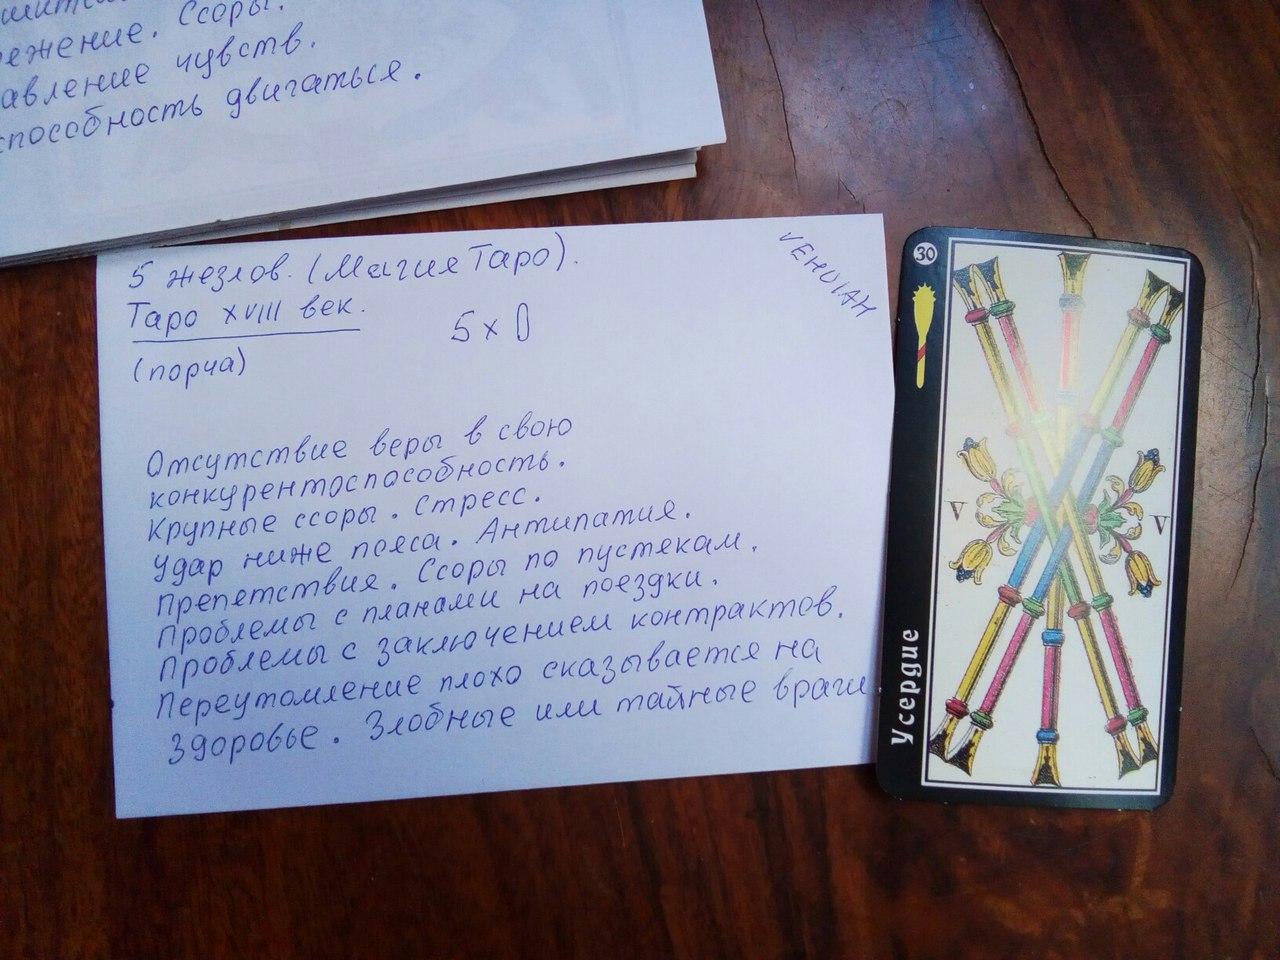 Рунограмма - Конверты с магическими программами от Елены Руденко. Ставы, символы, руническая магия.  - Страница 6 O8SnQoaLyes